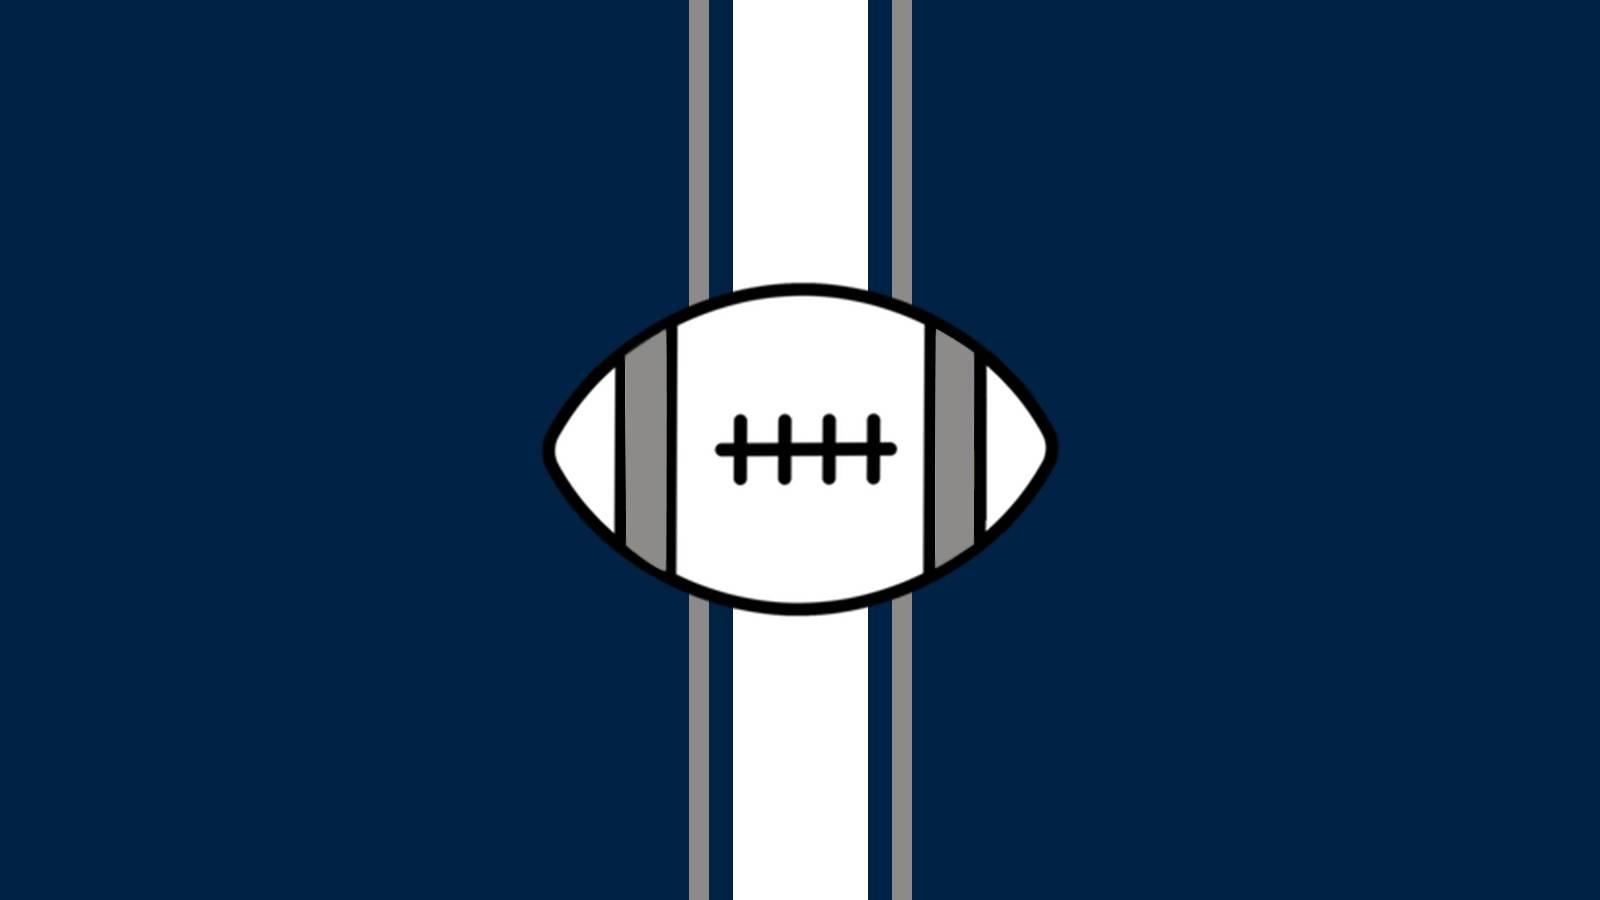 Atlanta Falcons at Dallas Cowboys